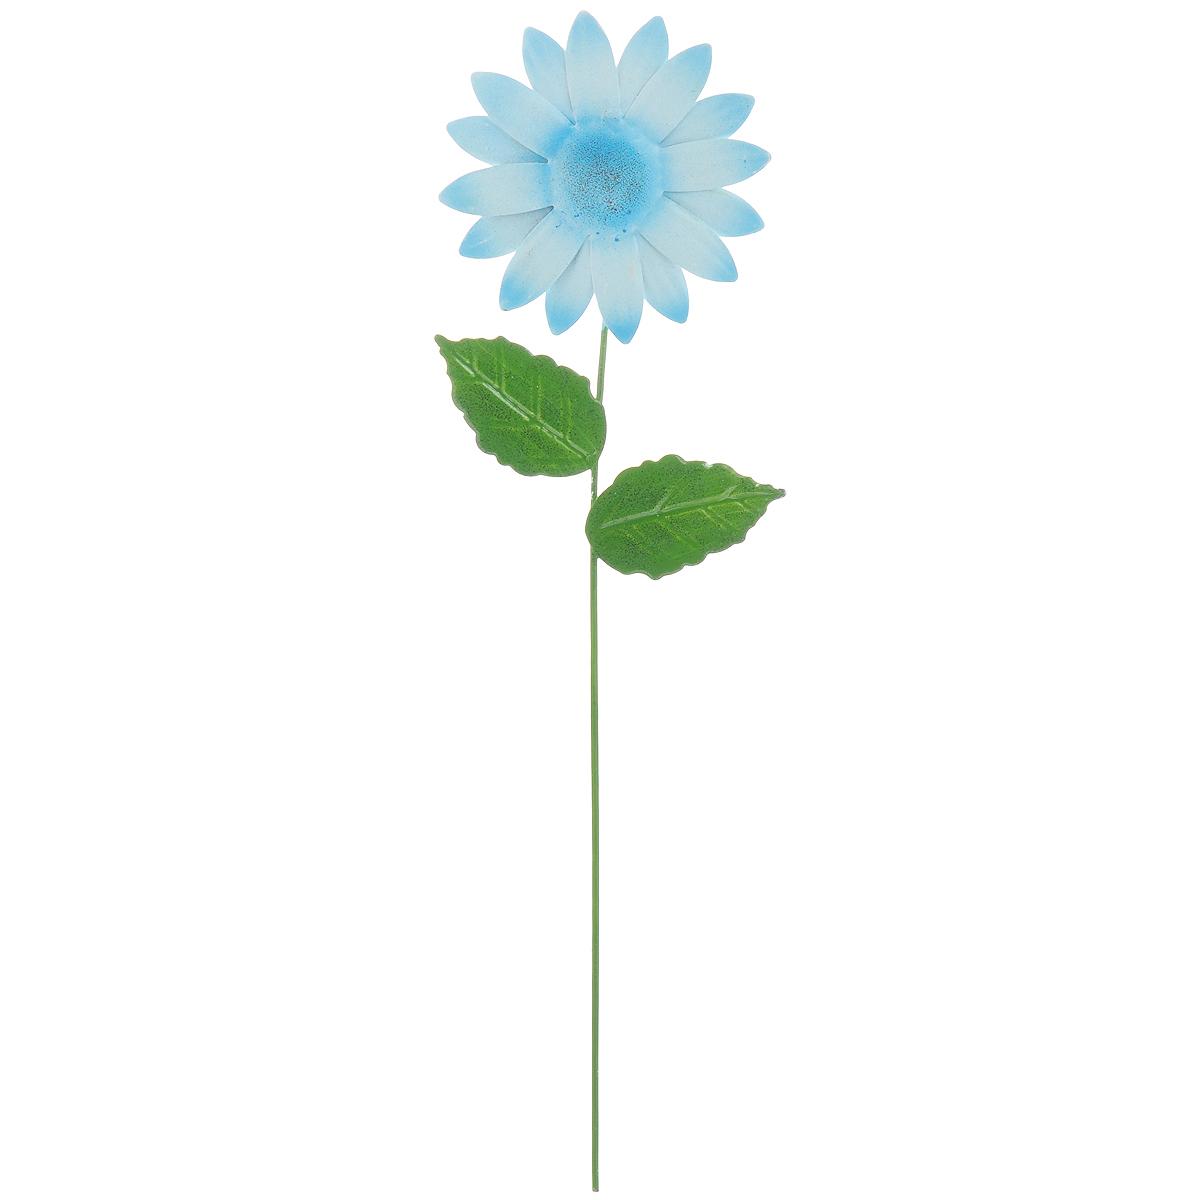 Украшение на ножке Village People Астры, цвет: голубой, высота 28,5 см67162_3Украшение на ножке Village People Астры предназначено для декорирования садового участка, грядок, клумб, цветочных кашпо, а также для поддержки и правильного роста растений. Изделие в ярком симпатичном дизайне выполнено из прочного и надежного металла, легко устанавливается в землю. Оно украсит ваш сад и добавит ярких красок.